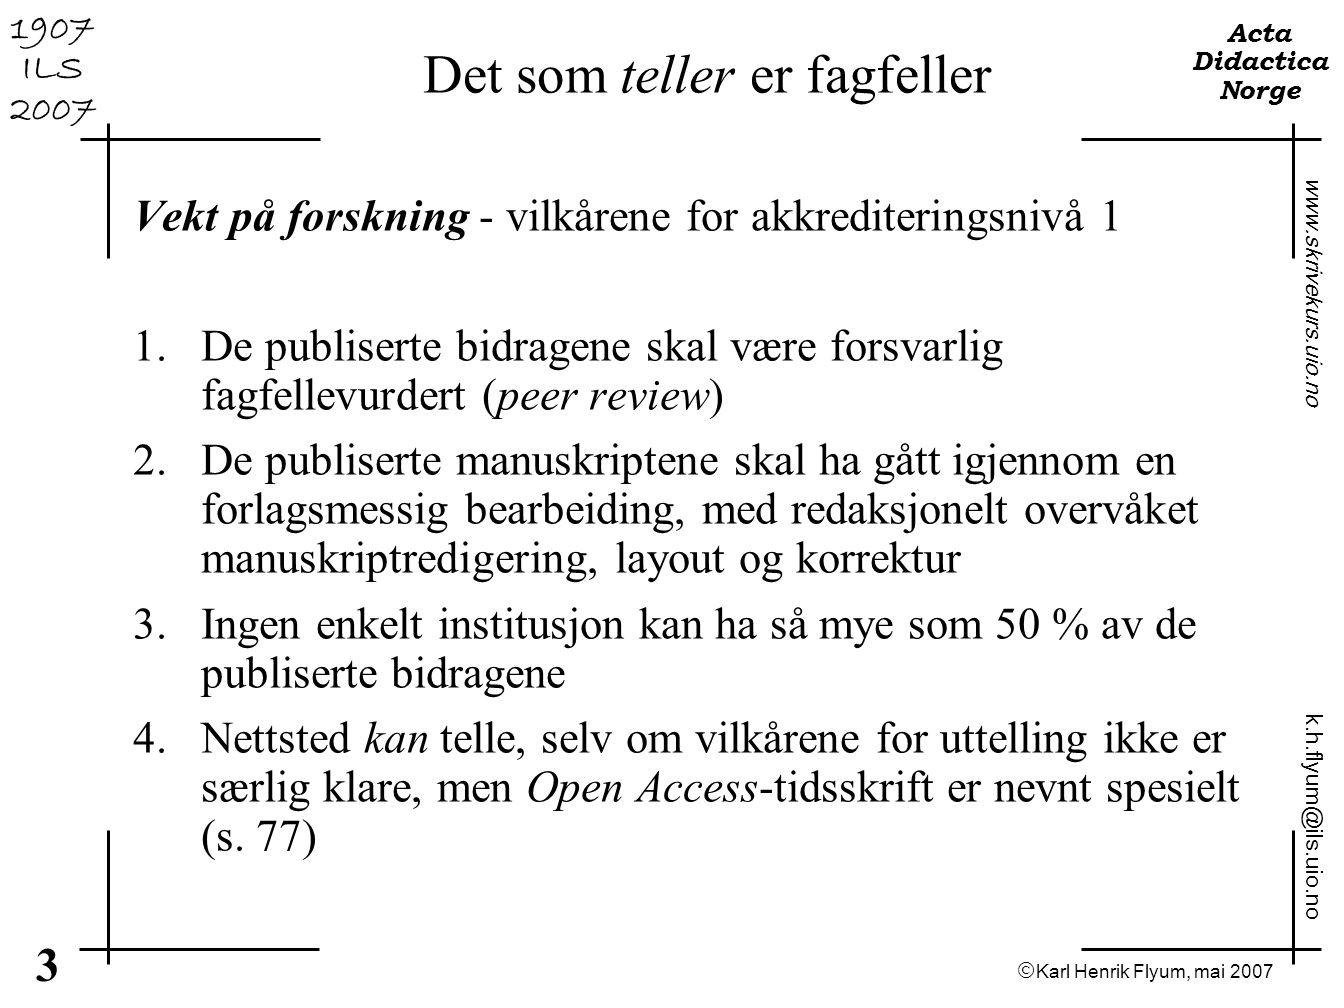  Karl Henrik Flyum, mai 2007 3 www.skrivekurs.uio.no k.h.flyum@ils.uio.no Acta Didactica Norge 1907 ILS 2007 Det som teller er fagfeller Vekt på fors